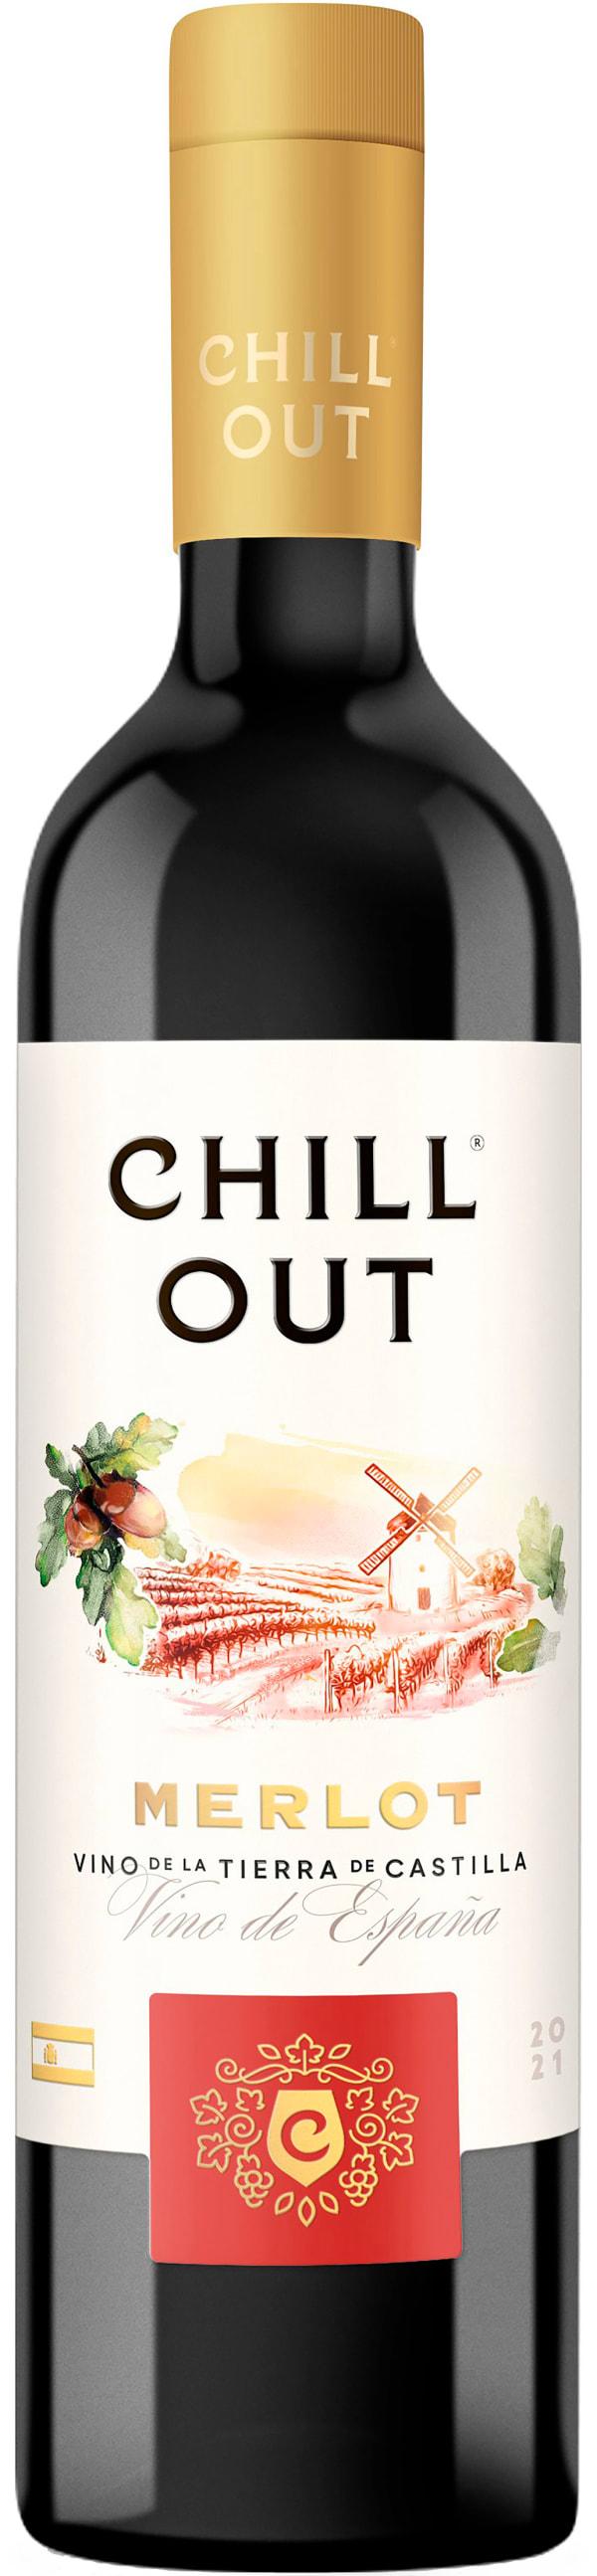 Chill Out Merlot Spain  2018 plastic bottle